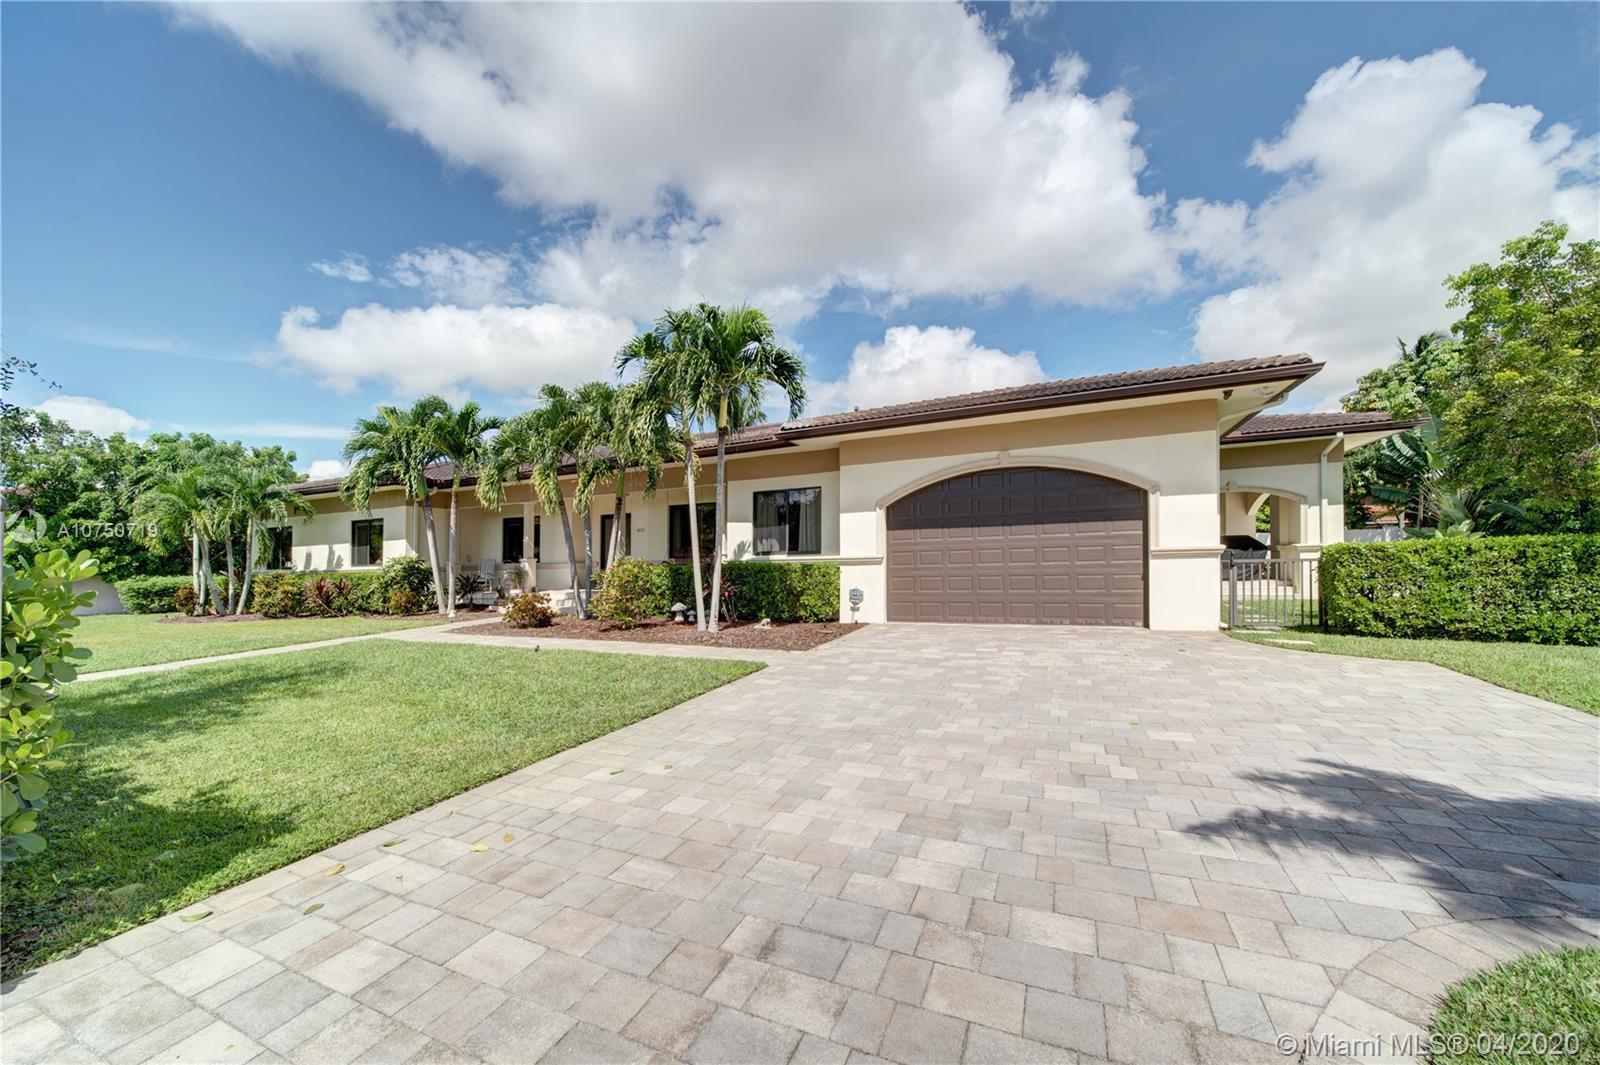 9575 SW 101st Ter, Miami, FL 33176